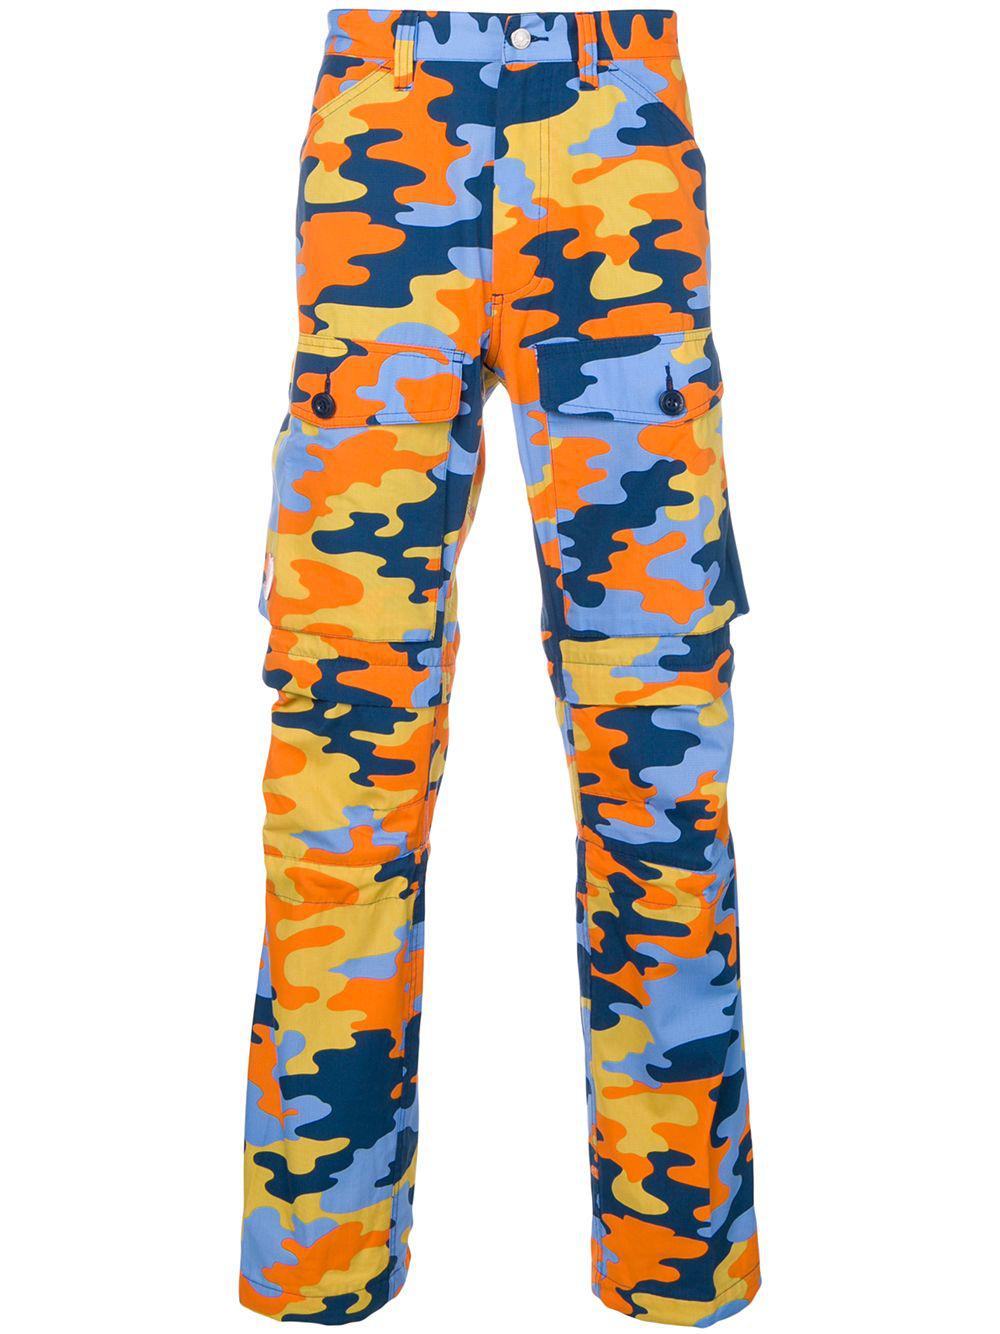 f71adb51128 Acne Studios X FjäLlräVen Cargo Trousers - Blue In Ai2-Blue/Orange ...